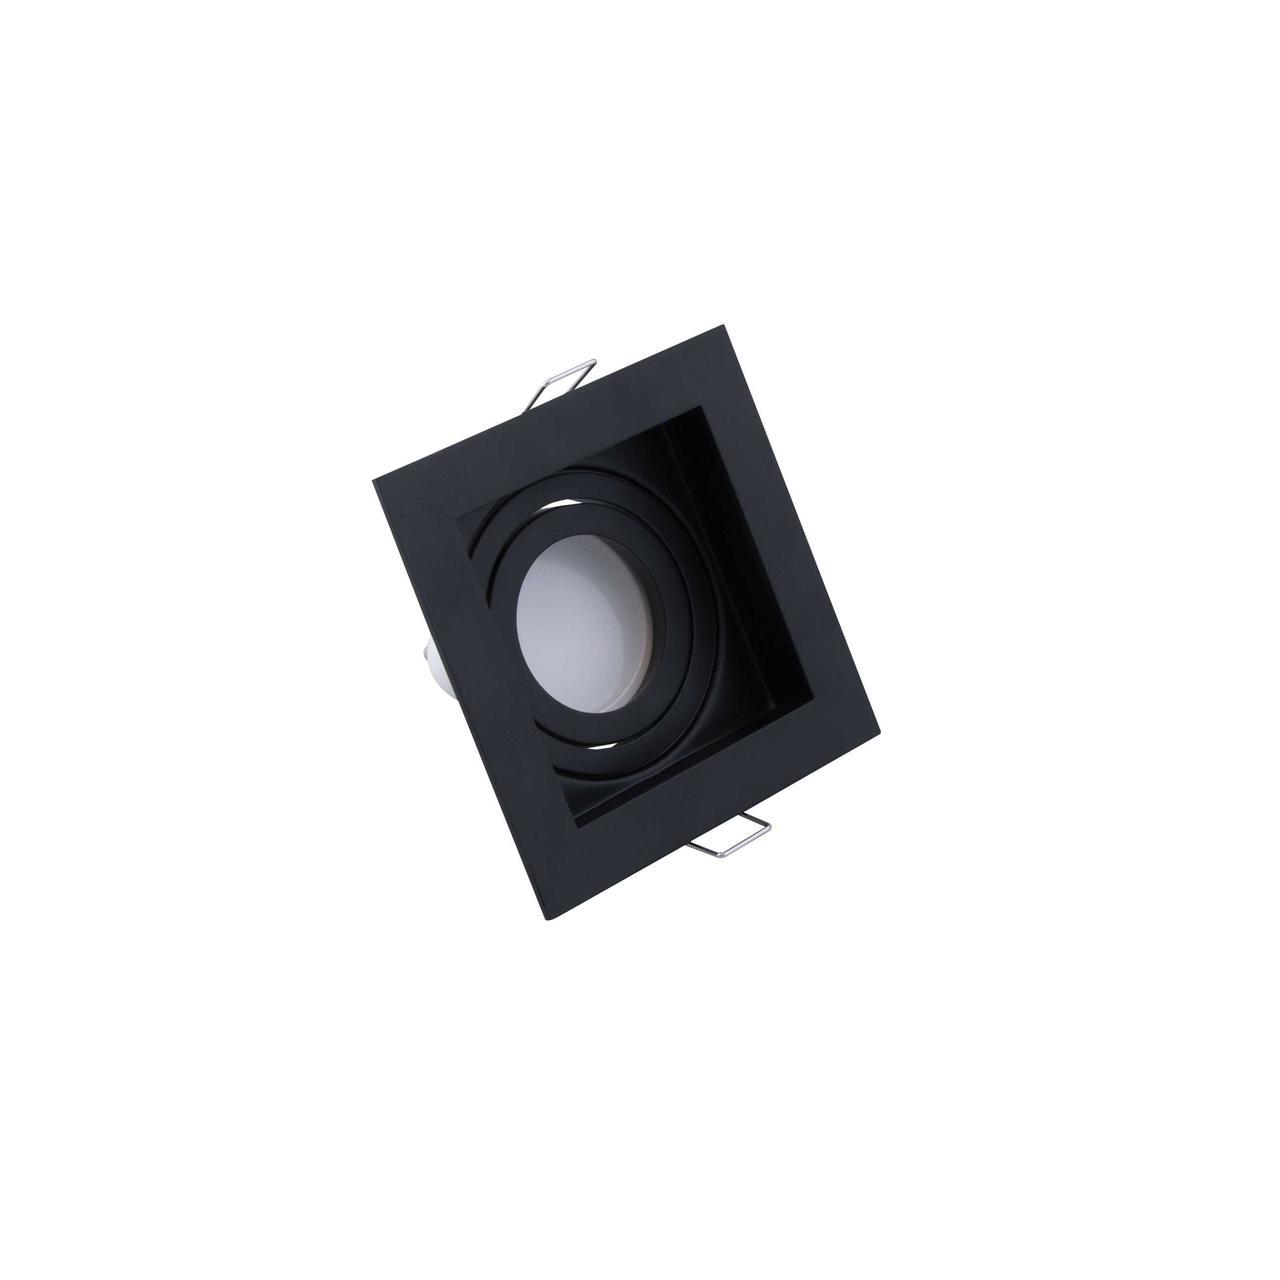 Led спот врезной квадрат черный TH3530 BK